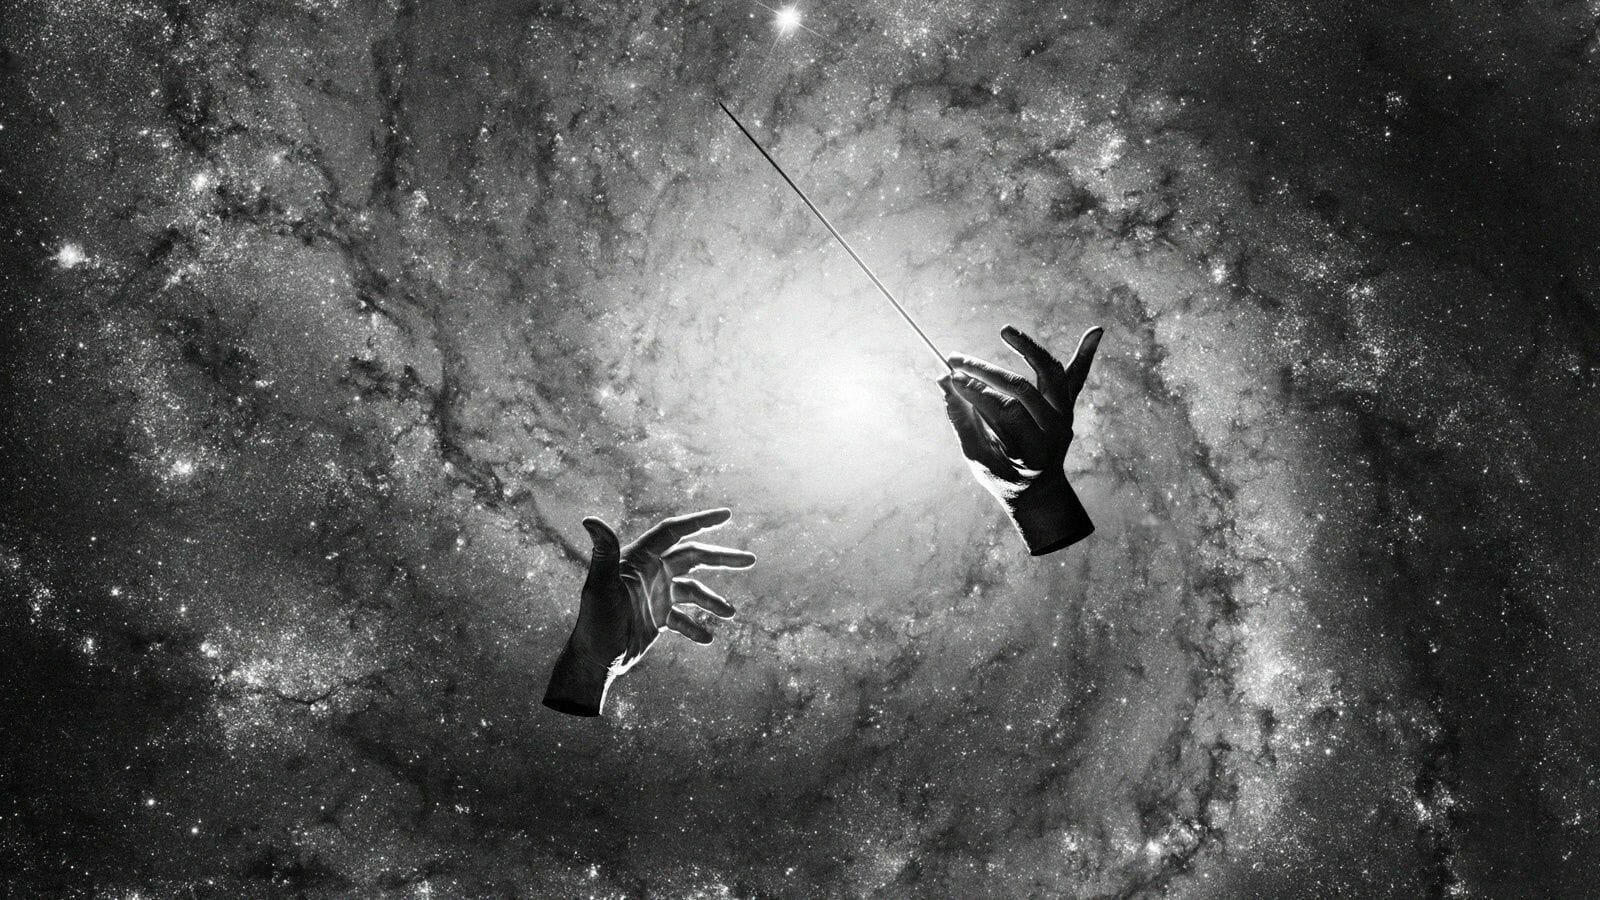 Dans l'univers sidéral de l'artiste Valentin Ammann 1